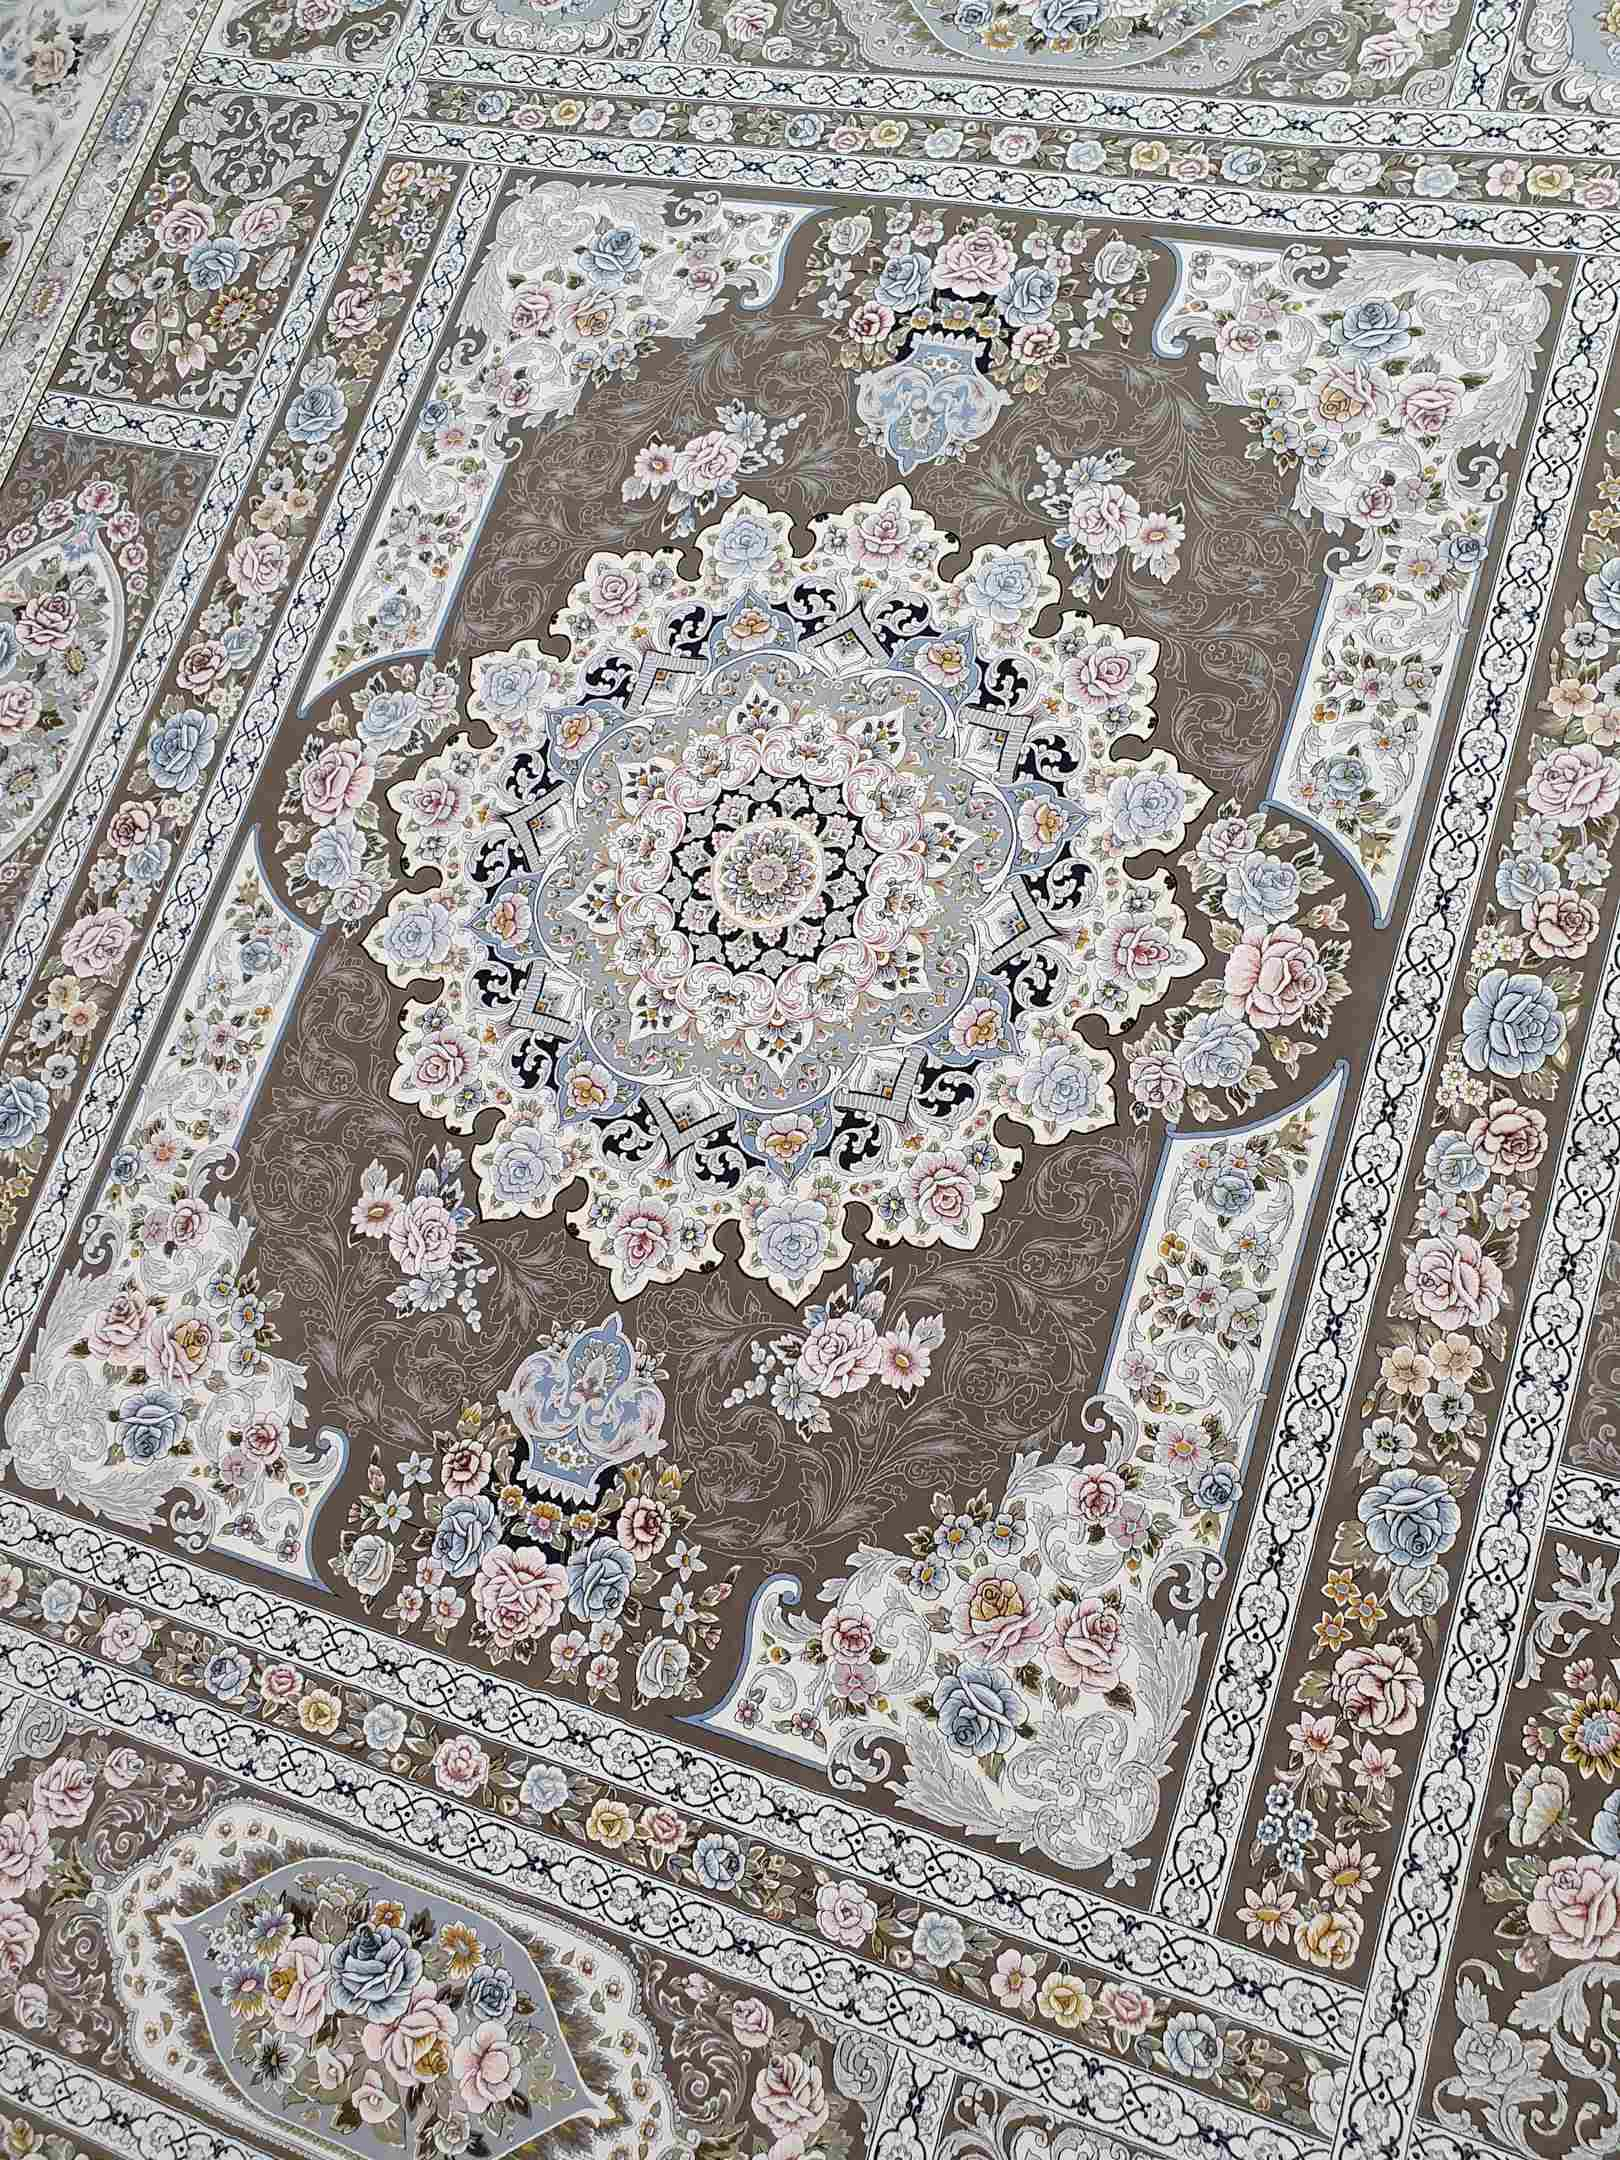 نقشه خشتی گلبرجسته